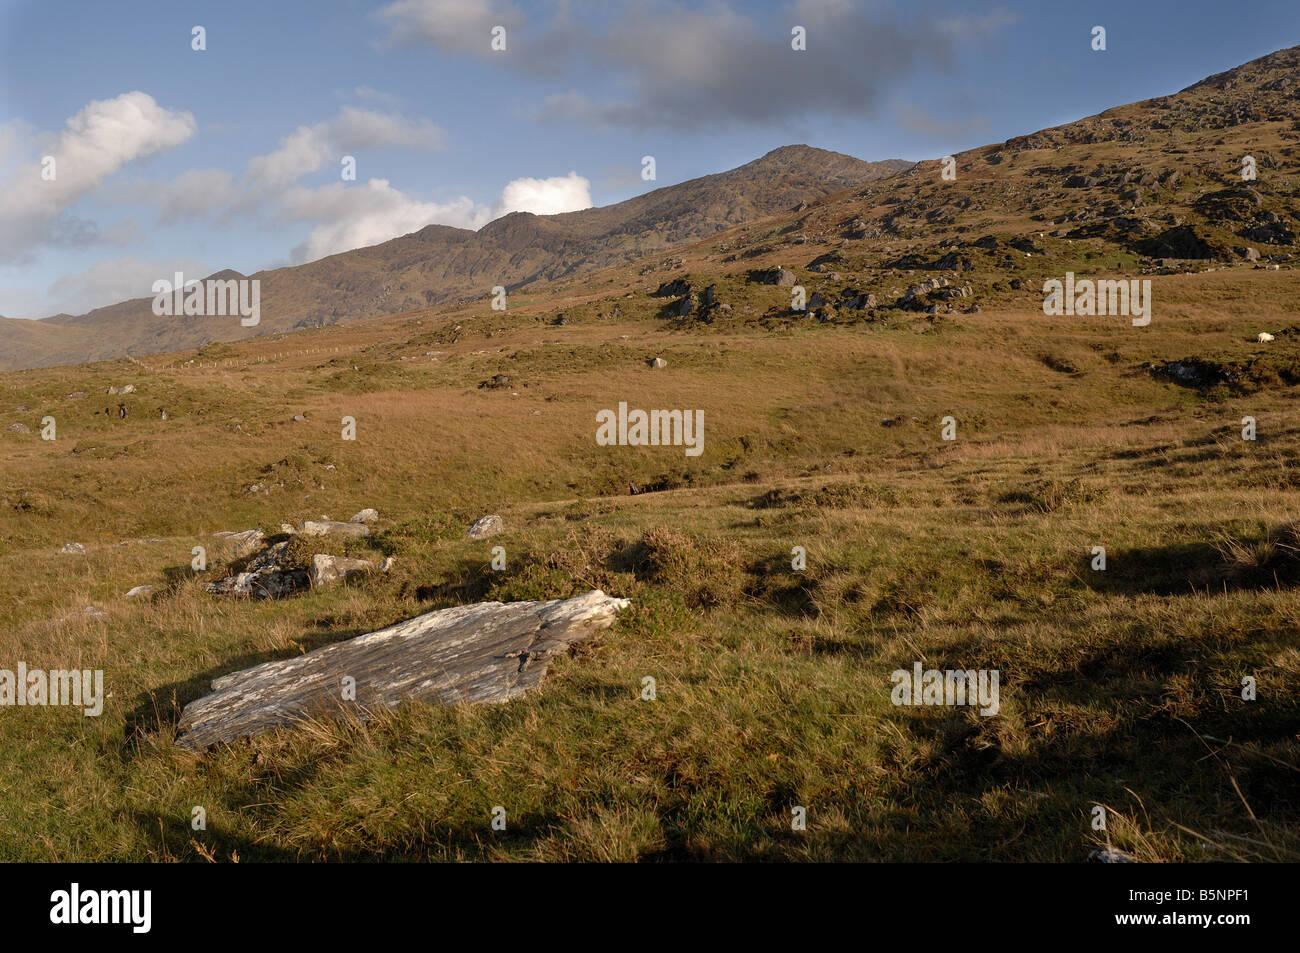 The Beara Peninsula - John Gollop - Stock Image